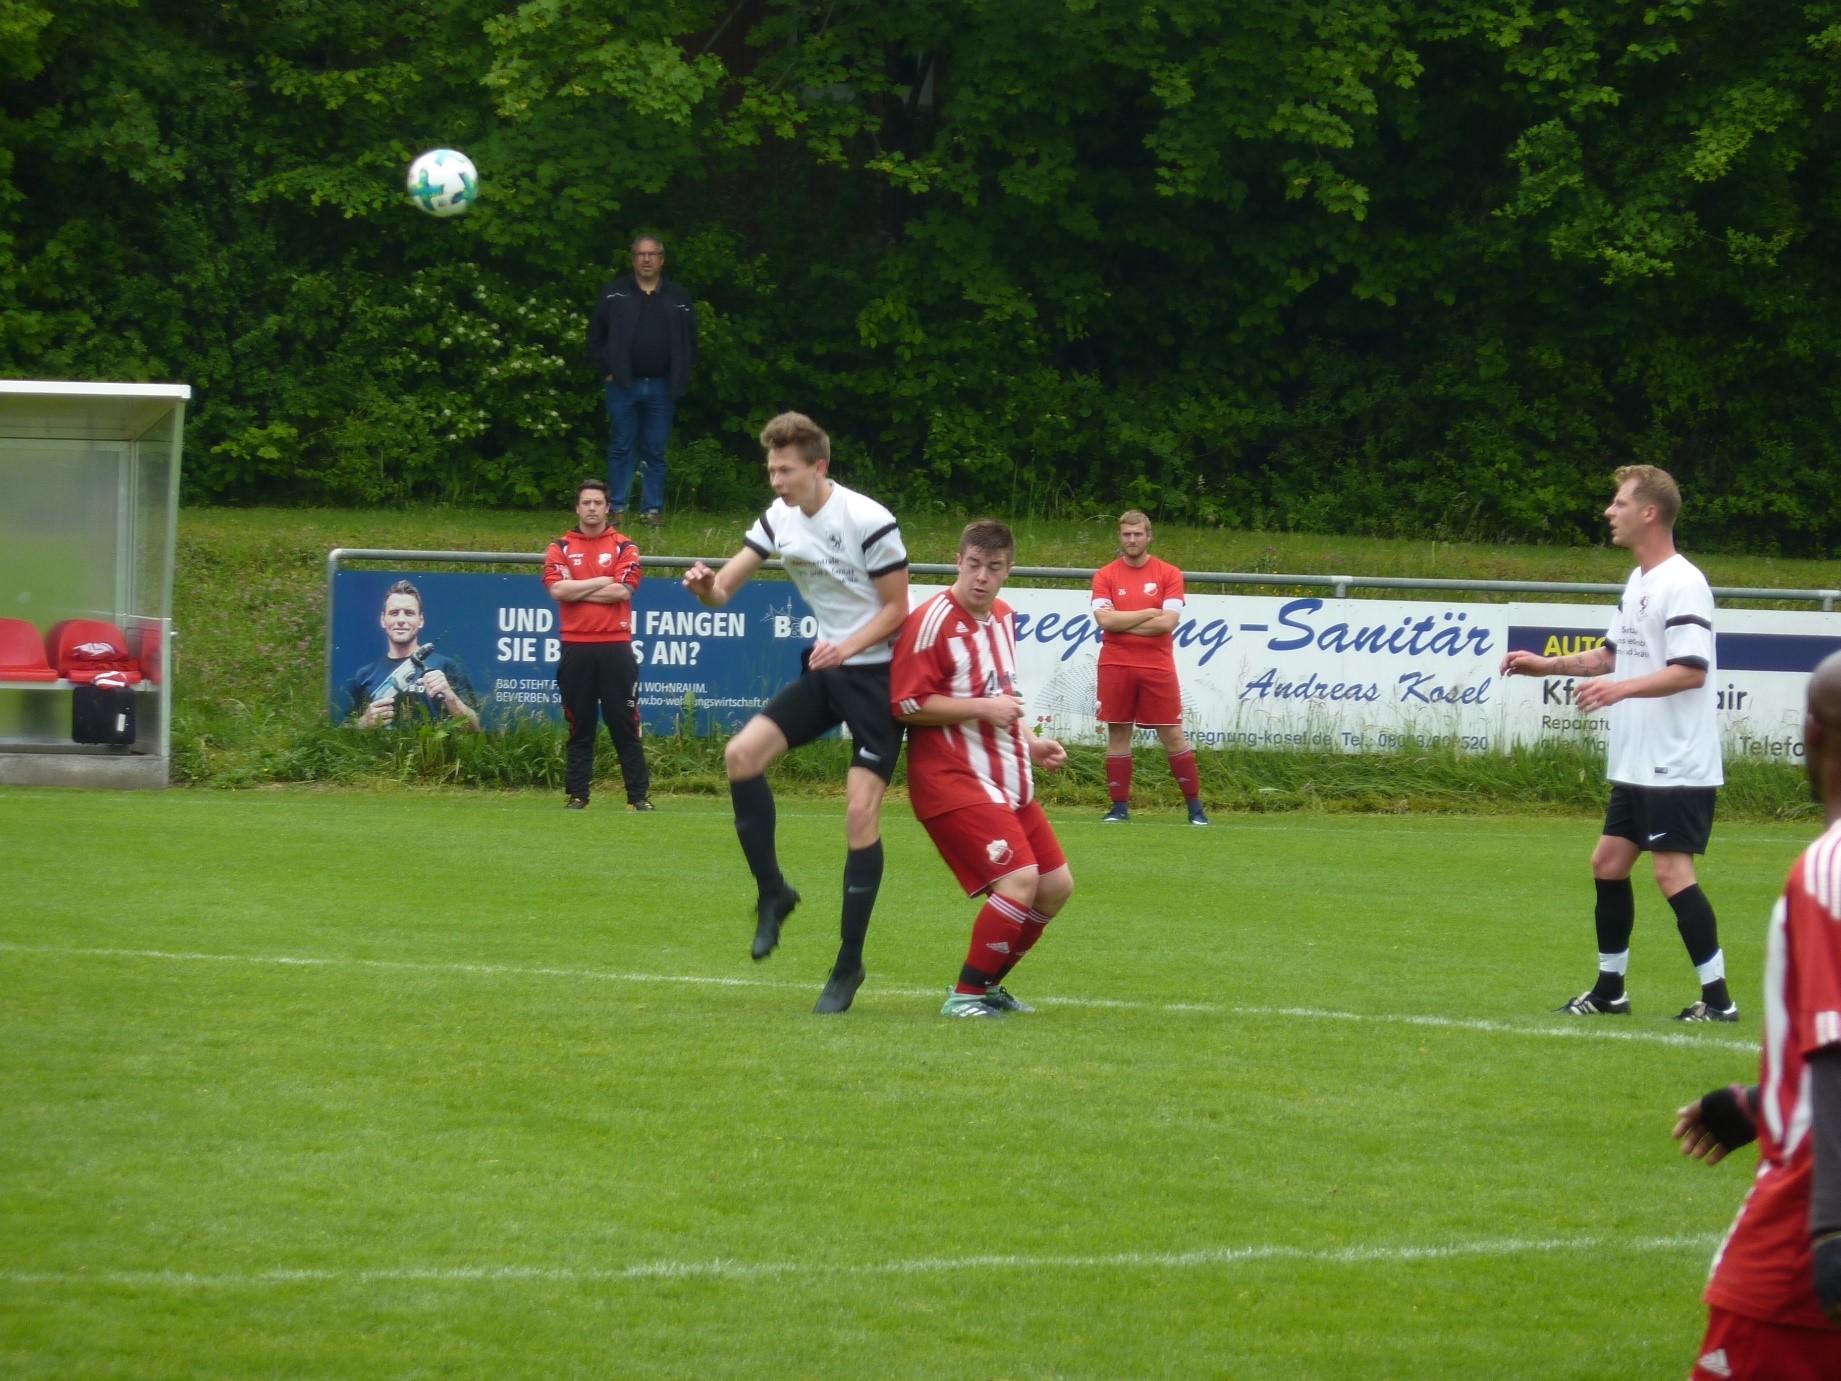 TSV Egmating 2 – TSV Oberpframmern 3  3 : 0 (1:0)